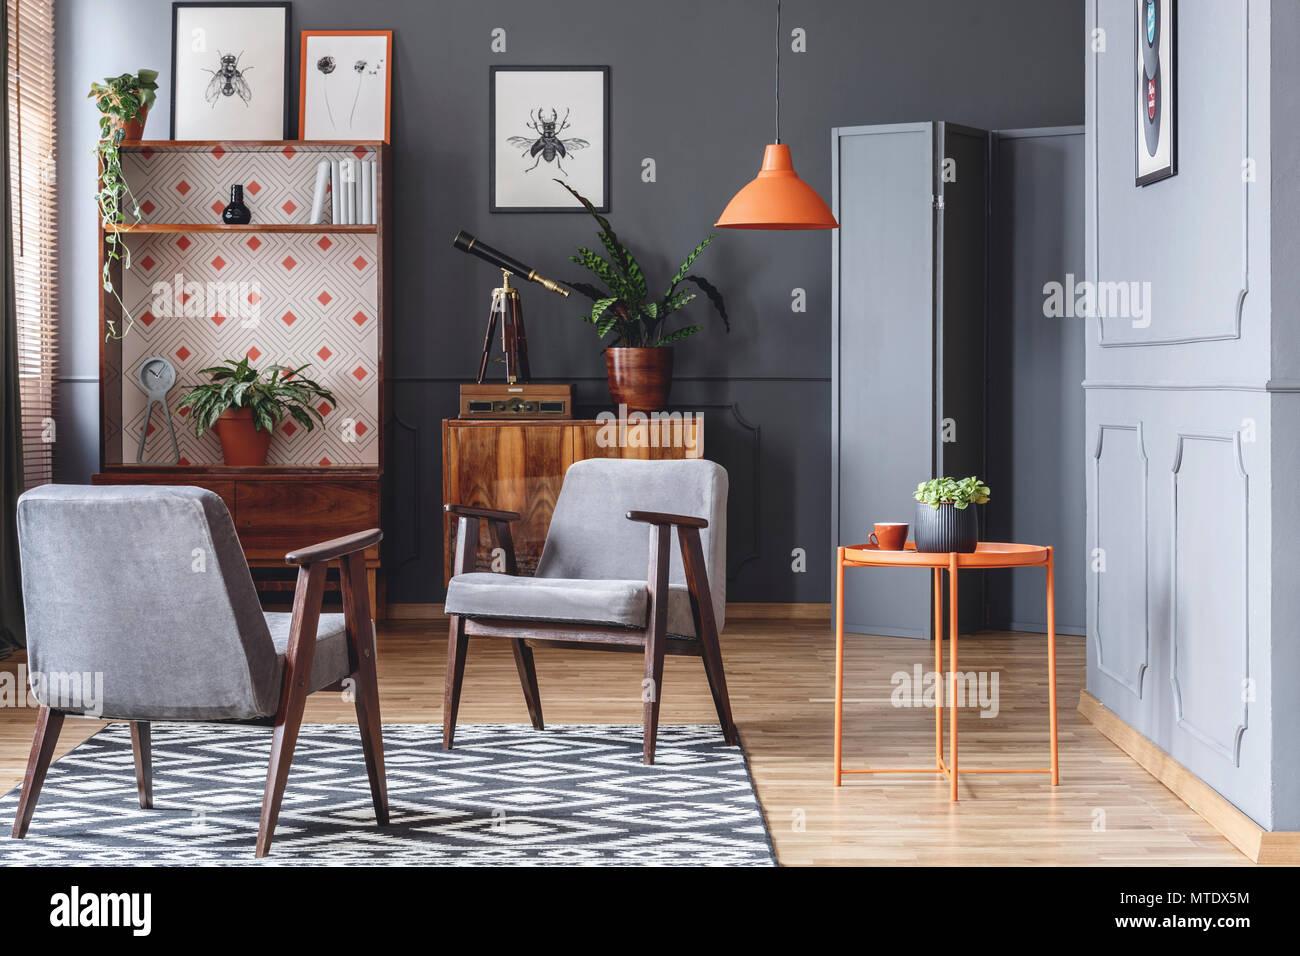 Pareti Grigie Salotto : Due poltrone arancio tavolino piante armadi in legno e pareti